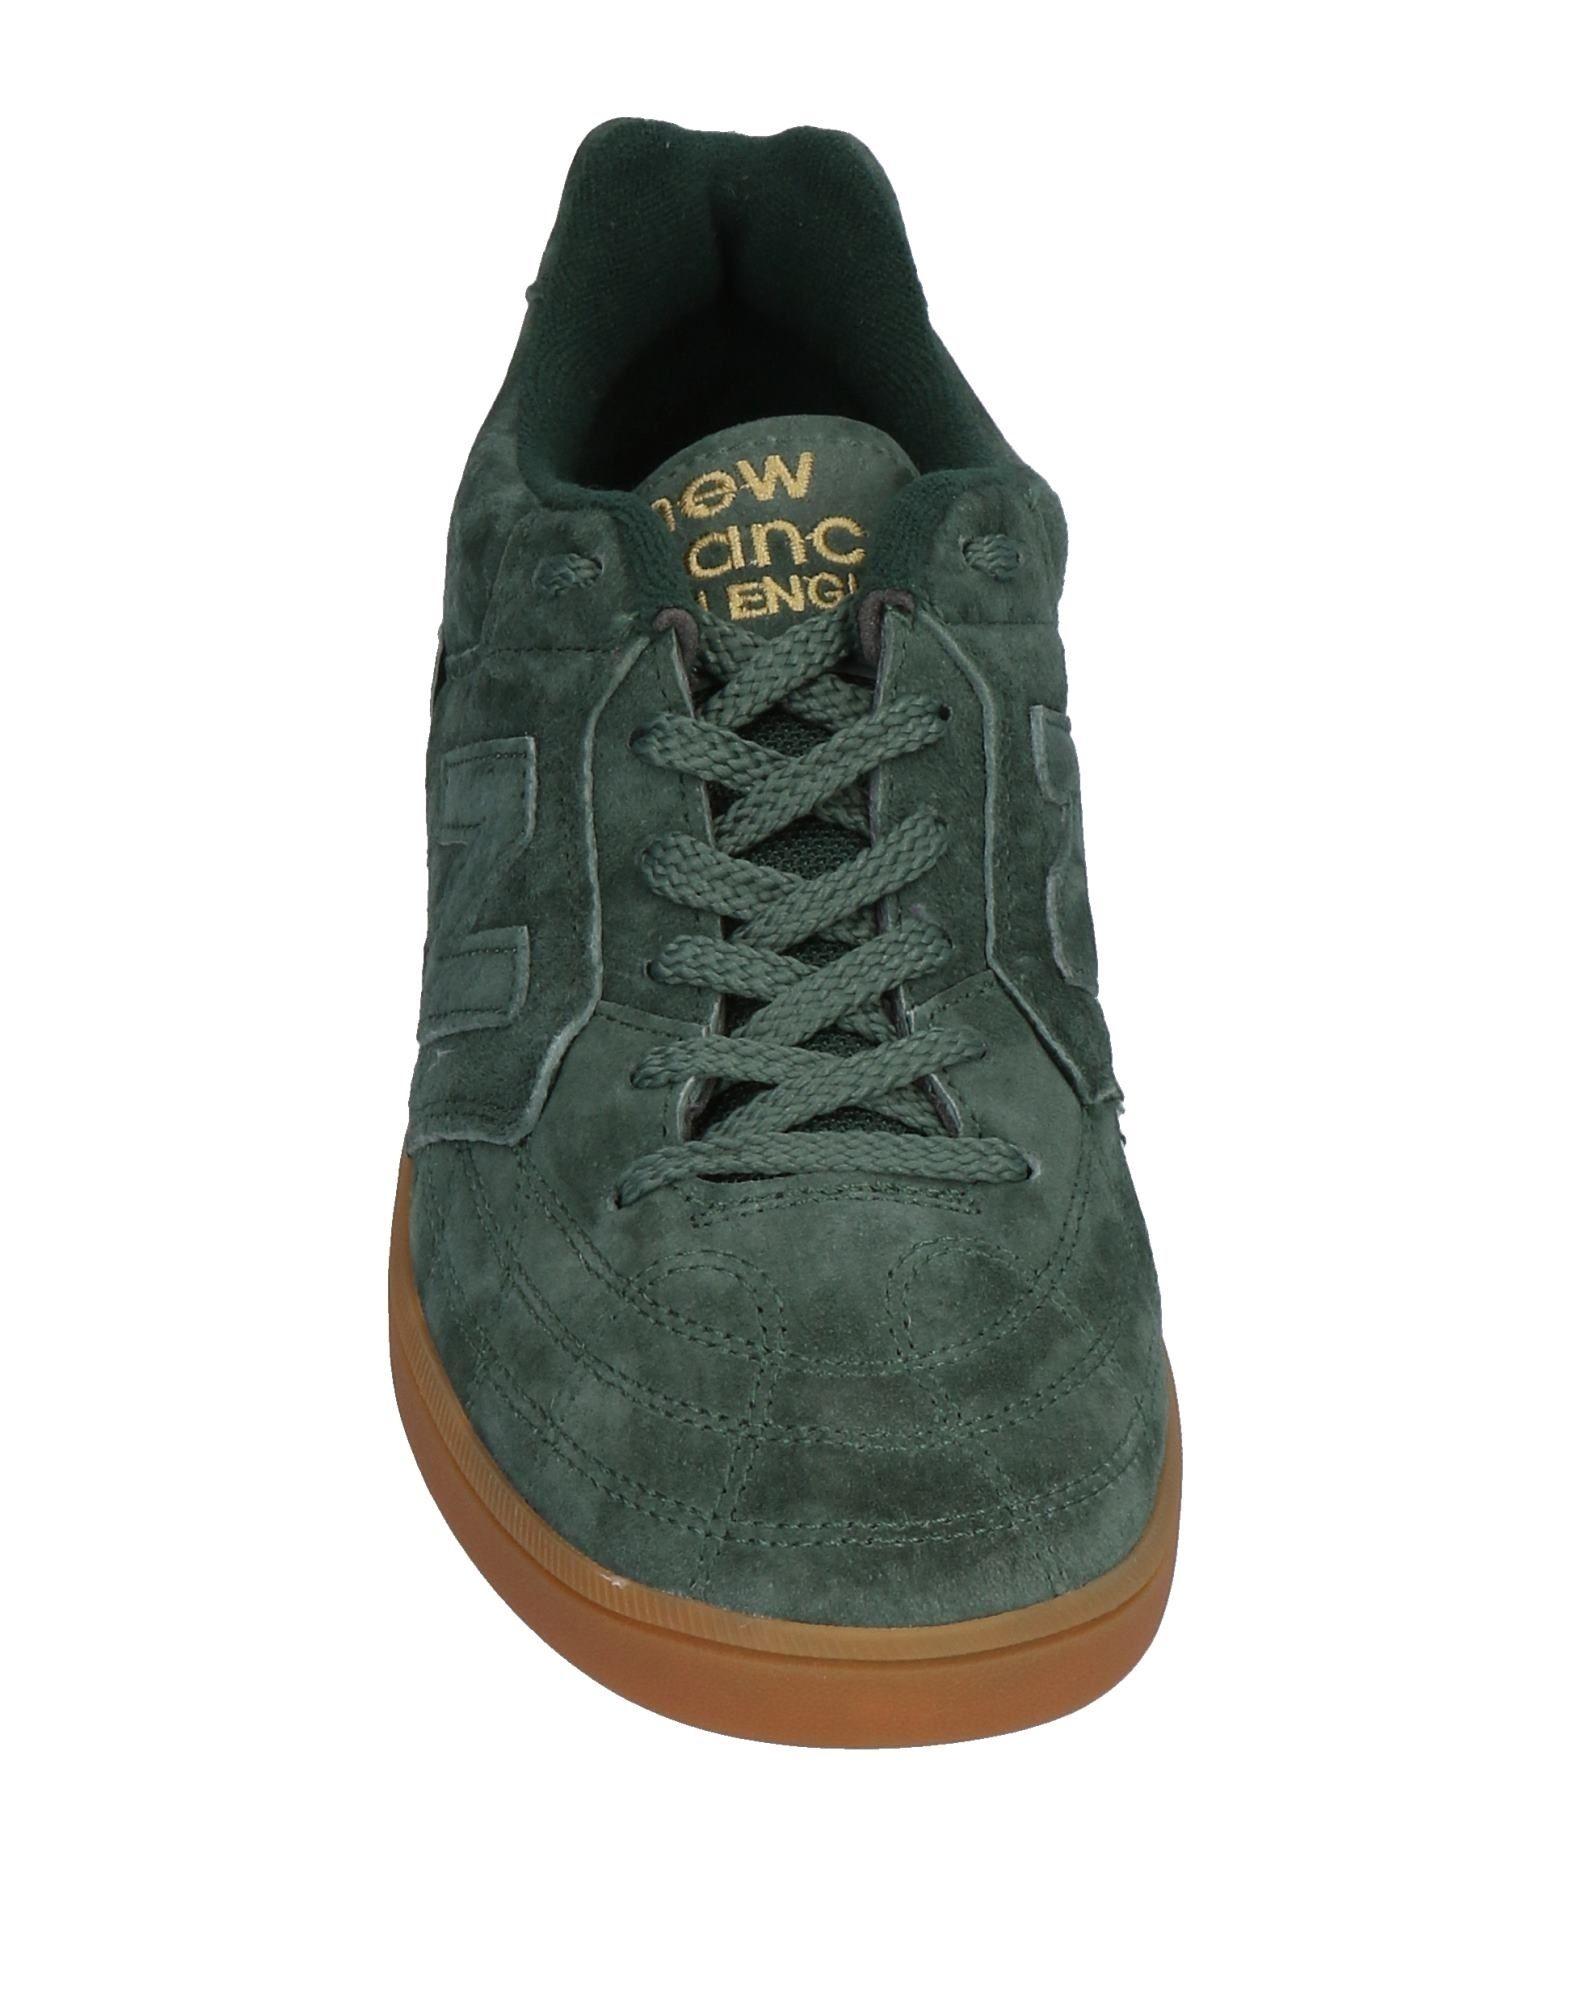 New New New Balance Sneakers Herren Gutes Preis-Leistungs-Verhältnis, es lohnt sich 2a6f38